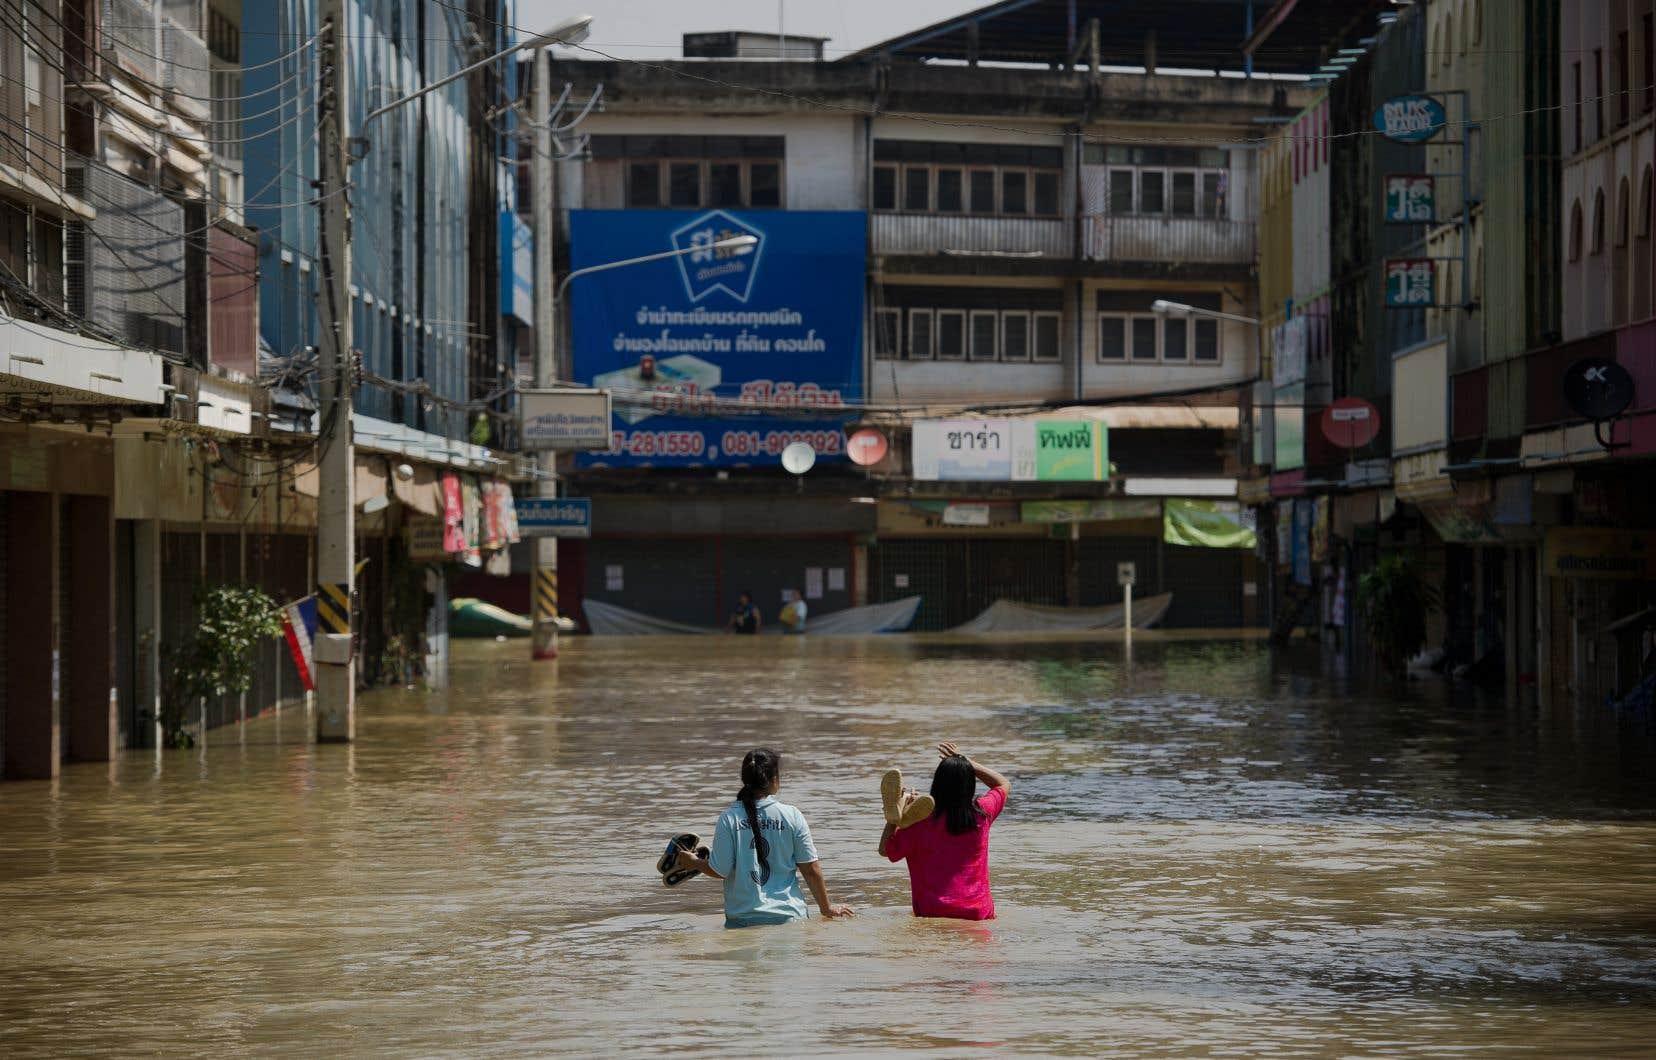 Les inondations sont fréquentes dans la région de Bangkok. Sur cette photo d'octobre 2013, deux jeunes femmes traversent la rue inondée à Kabin Bur, dans l'est de la grande ville.